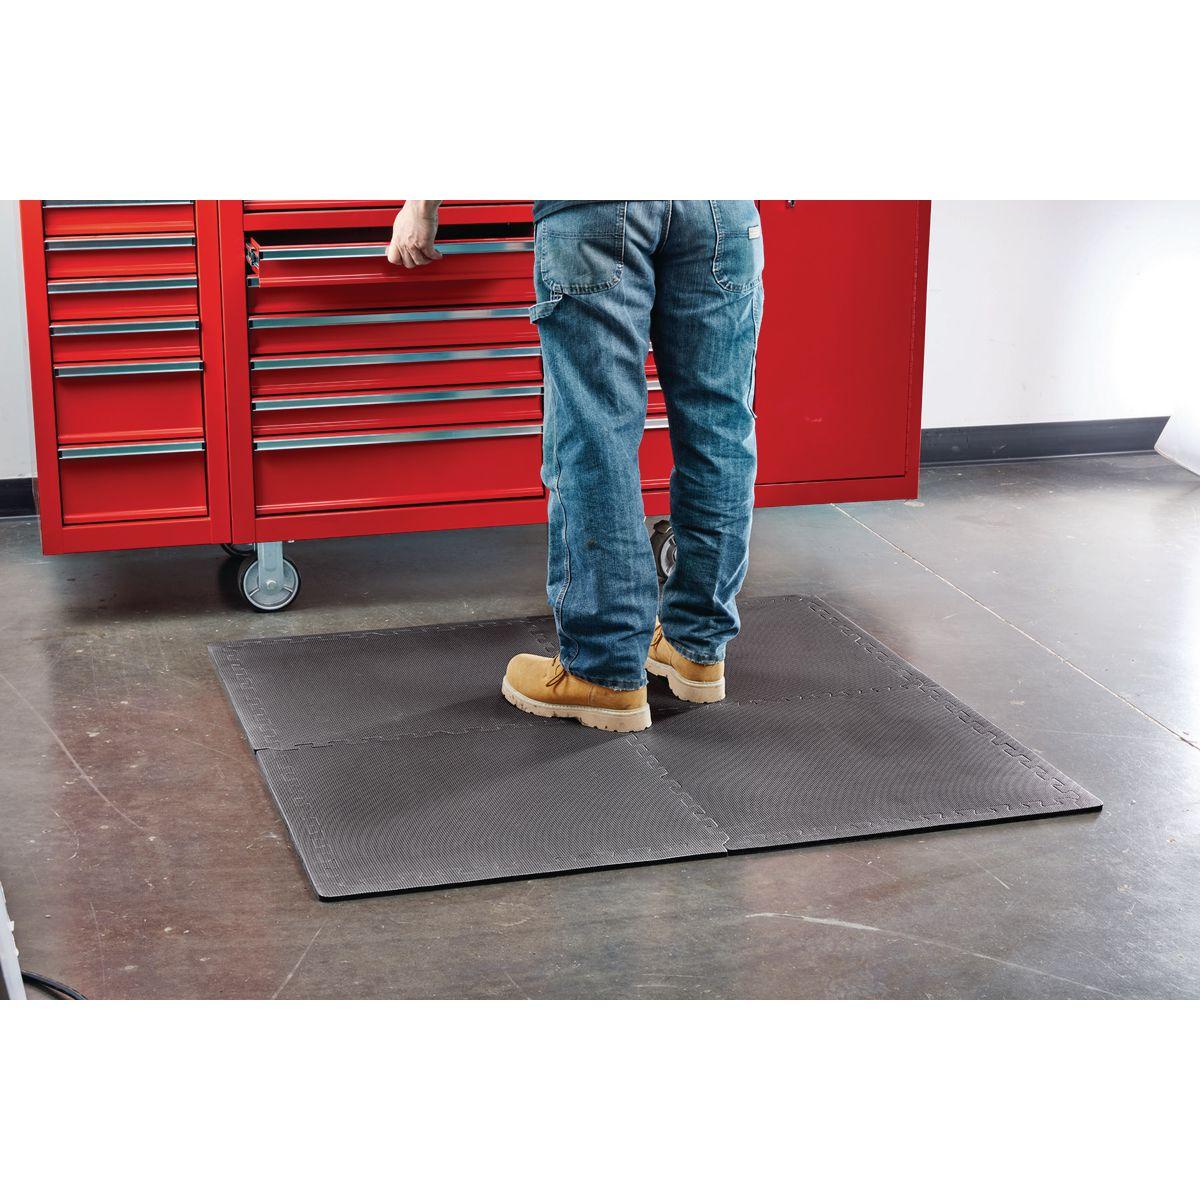 mat wellness extreme shop flexispot standing fatigue accessories anti mats